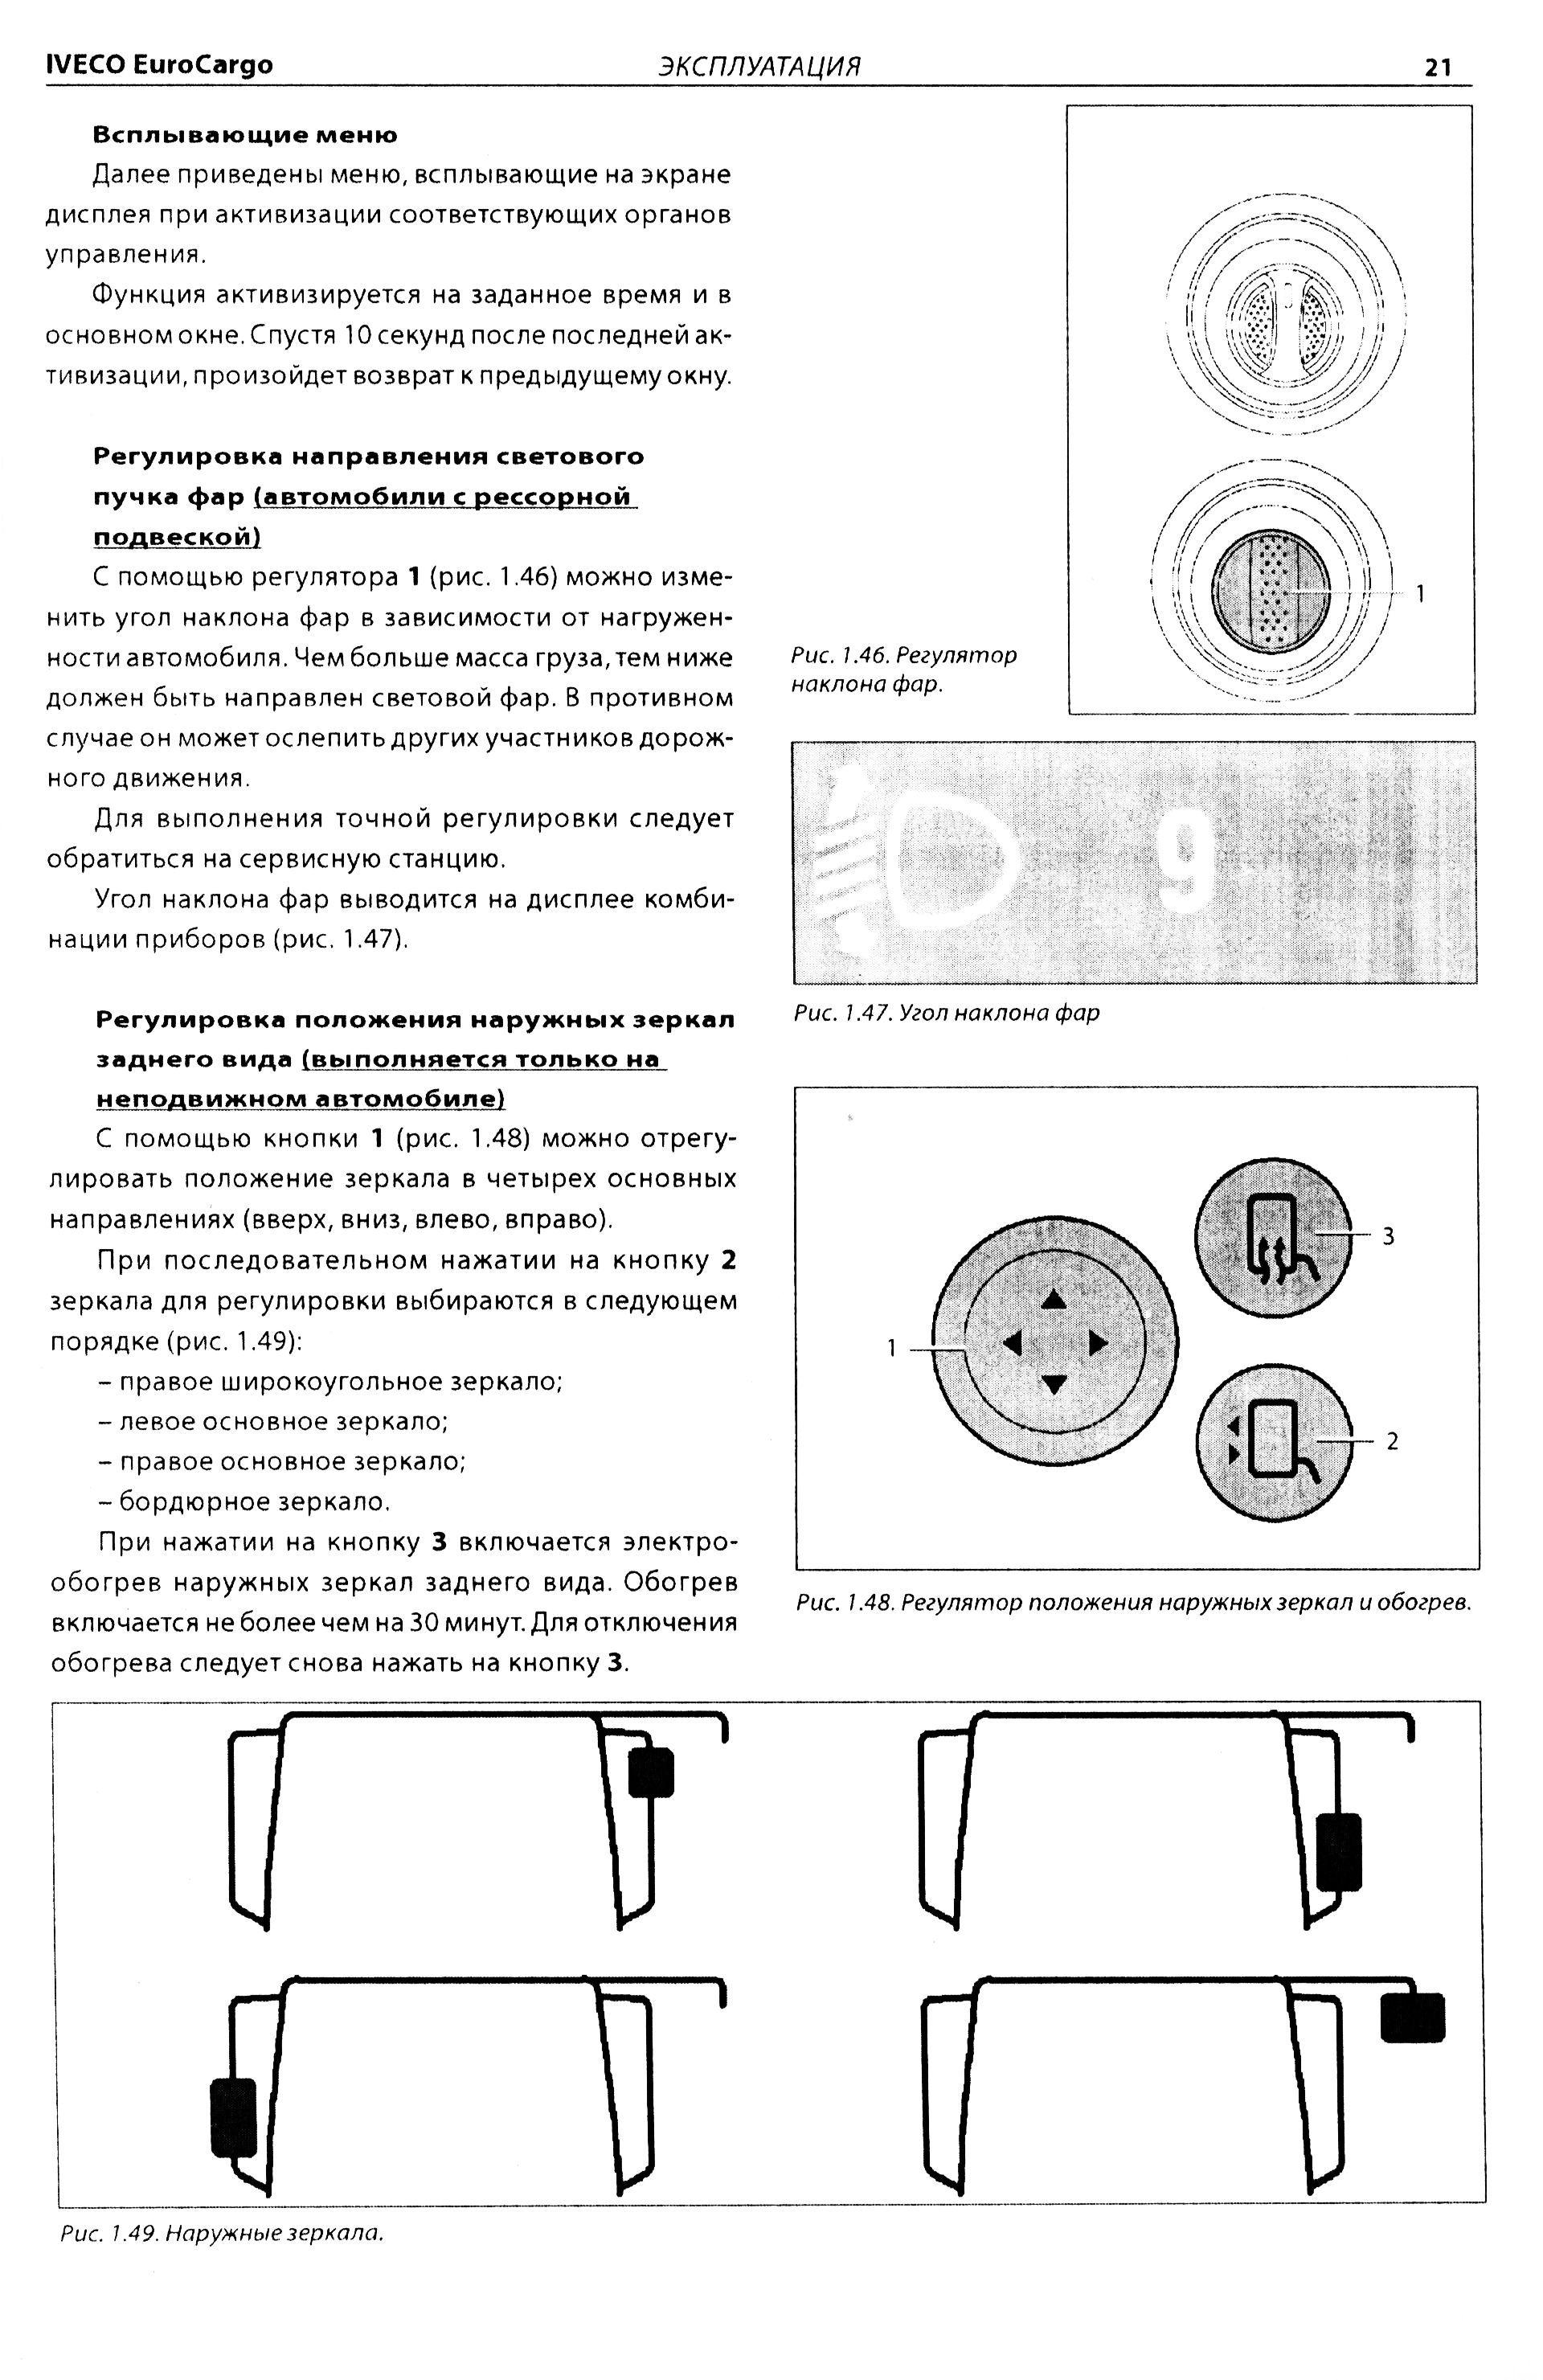 инструкция по ремонту и эксплуатации ивеко